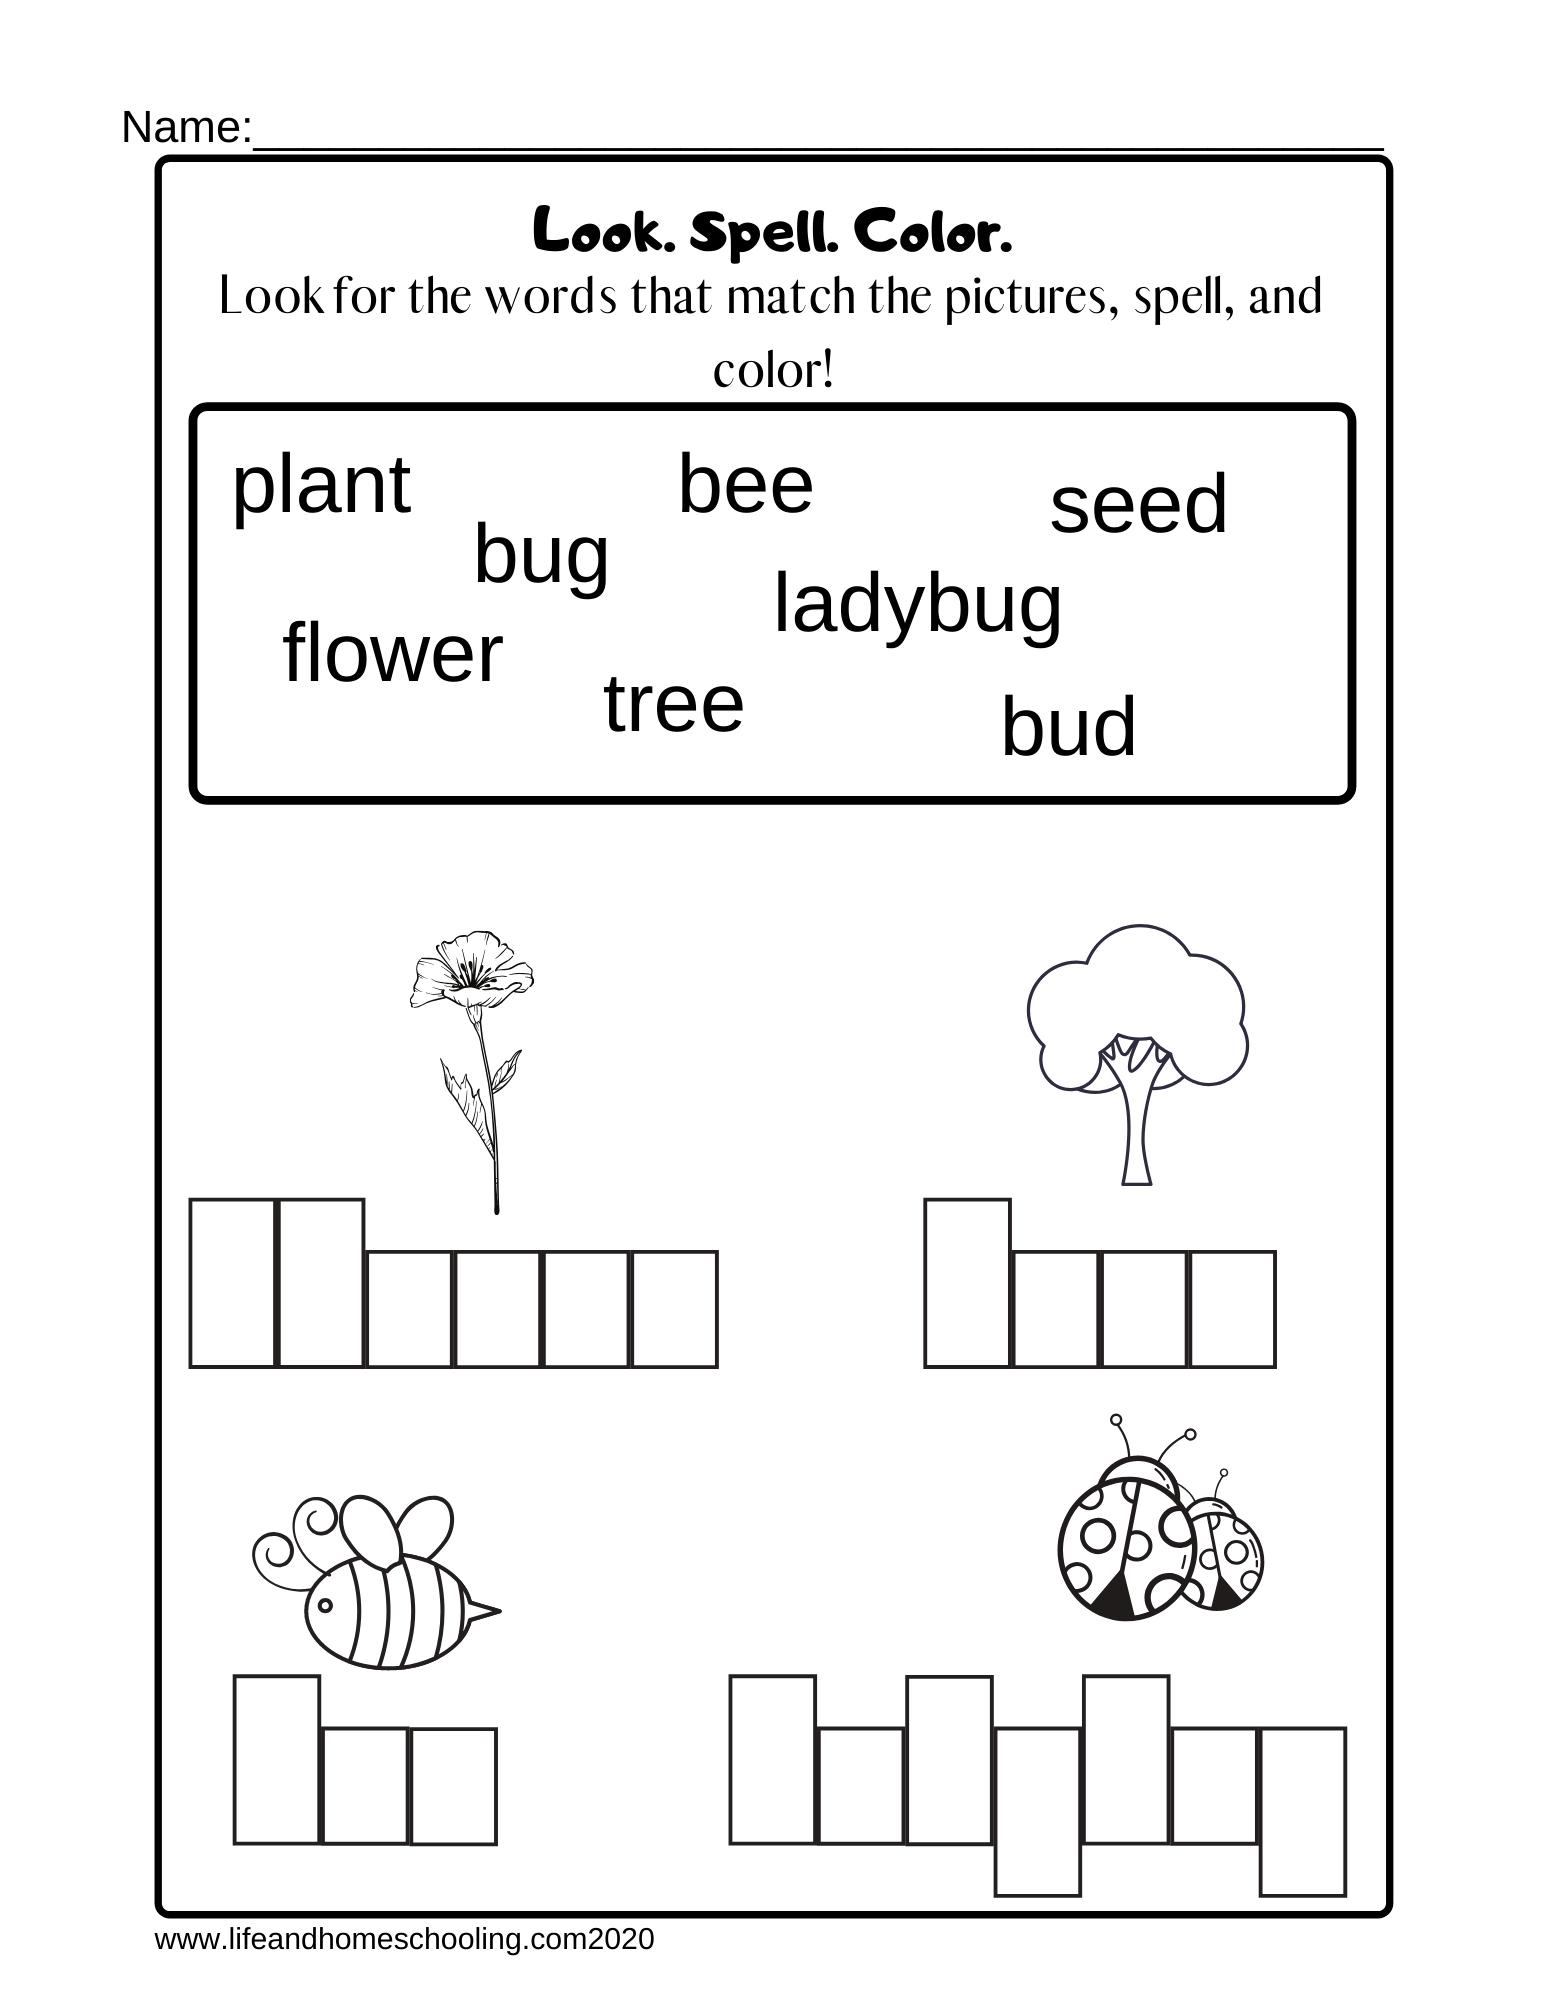 Kindergarten Spelling Worksheet - Madebyteachers